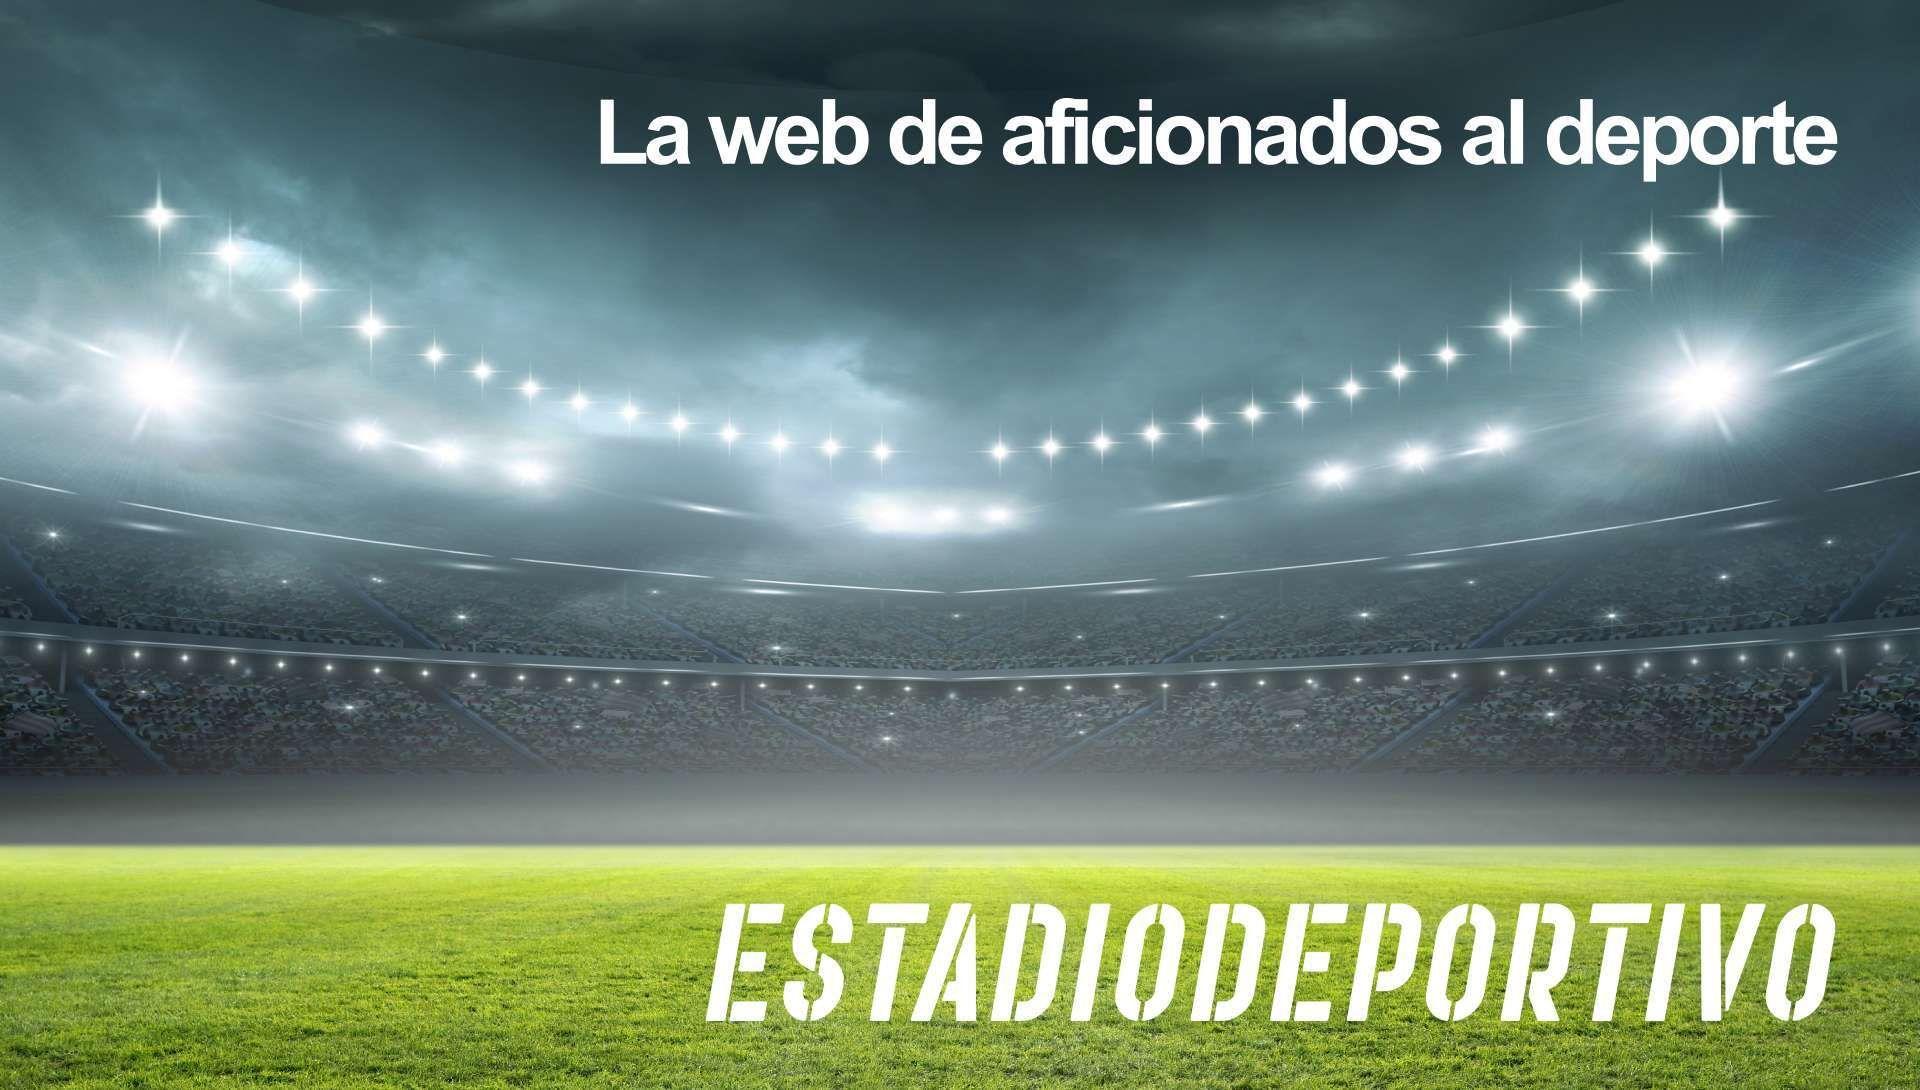 Los estadios europeos que más llenan sus gradas